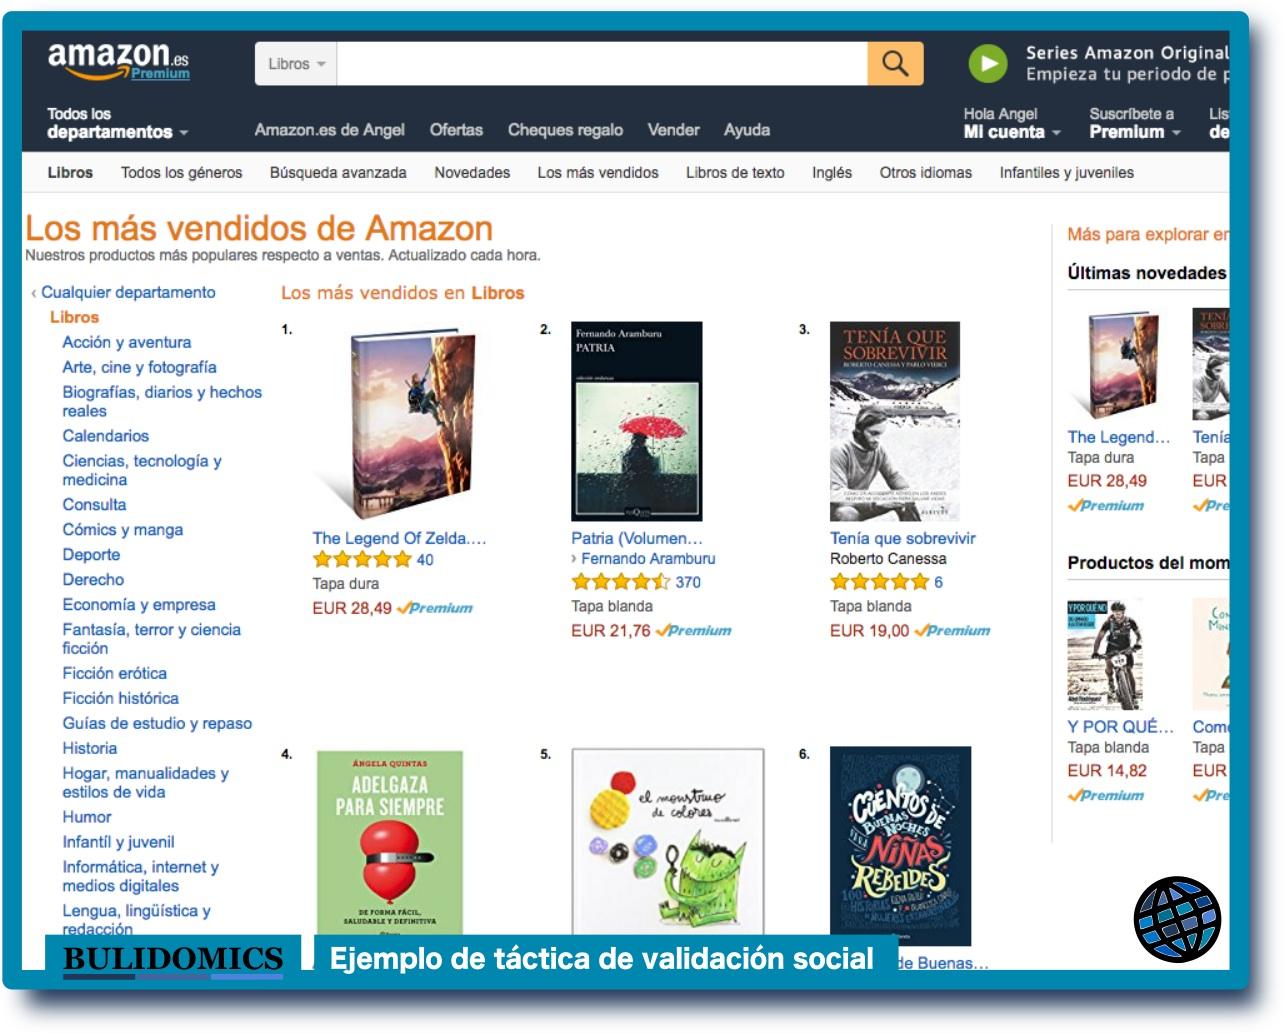 Pantallazo de la lista de libros más vendidos en Amazon. Este es un ejemplo del principio de validación social, con la táctica «lo que hace la mayoría». Captura realizada el 30 de marzo de 2017 en la web de amazon www.amazon.es